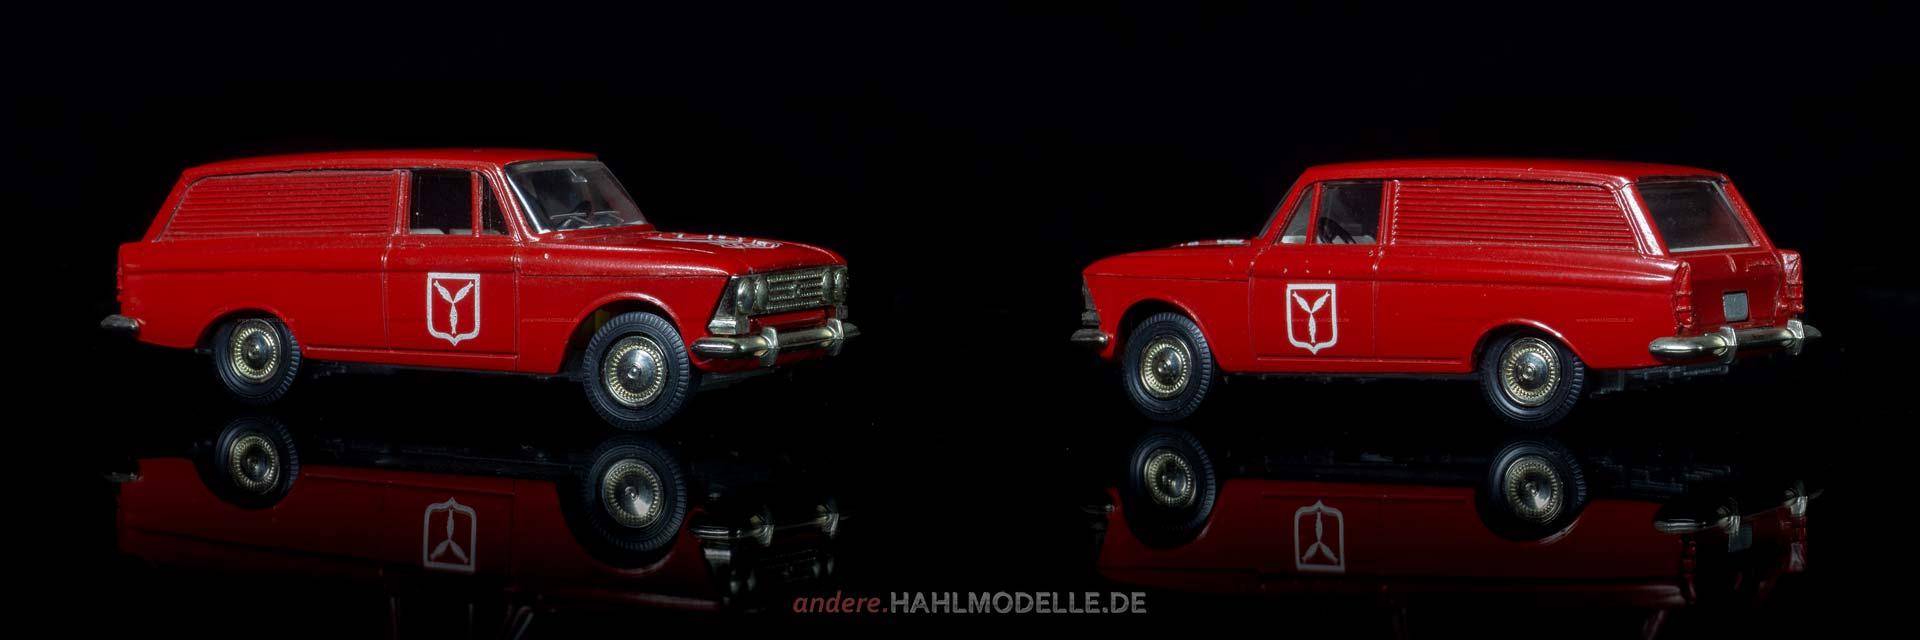 MZMA / AZLK Moskwitsch 433 | Kastenwagen | Novoexport | 1:43 | www.andere.hahlmodelle.de